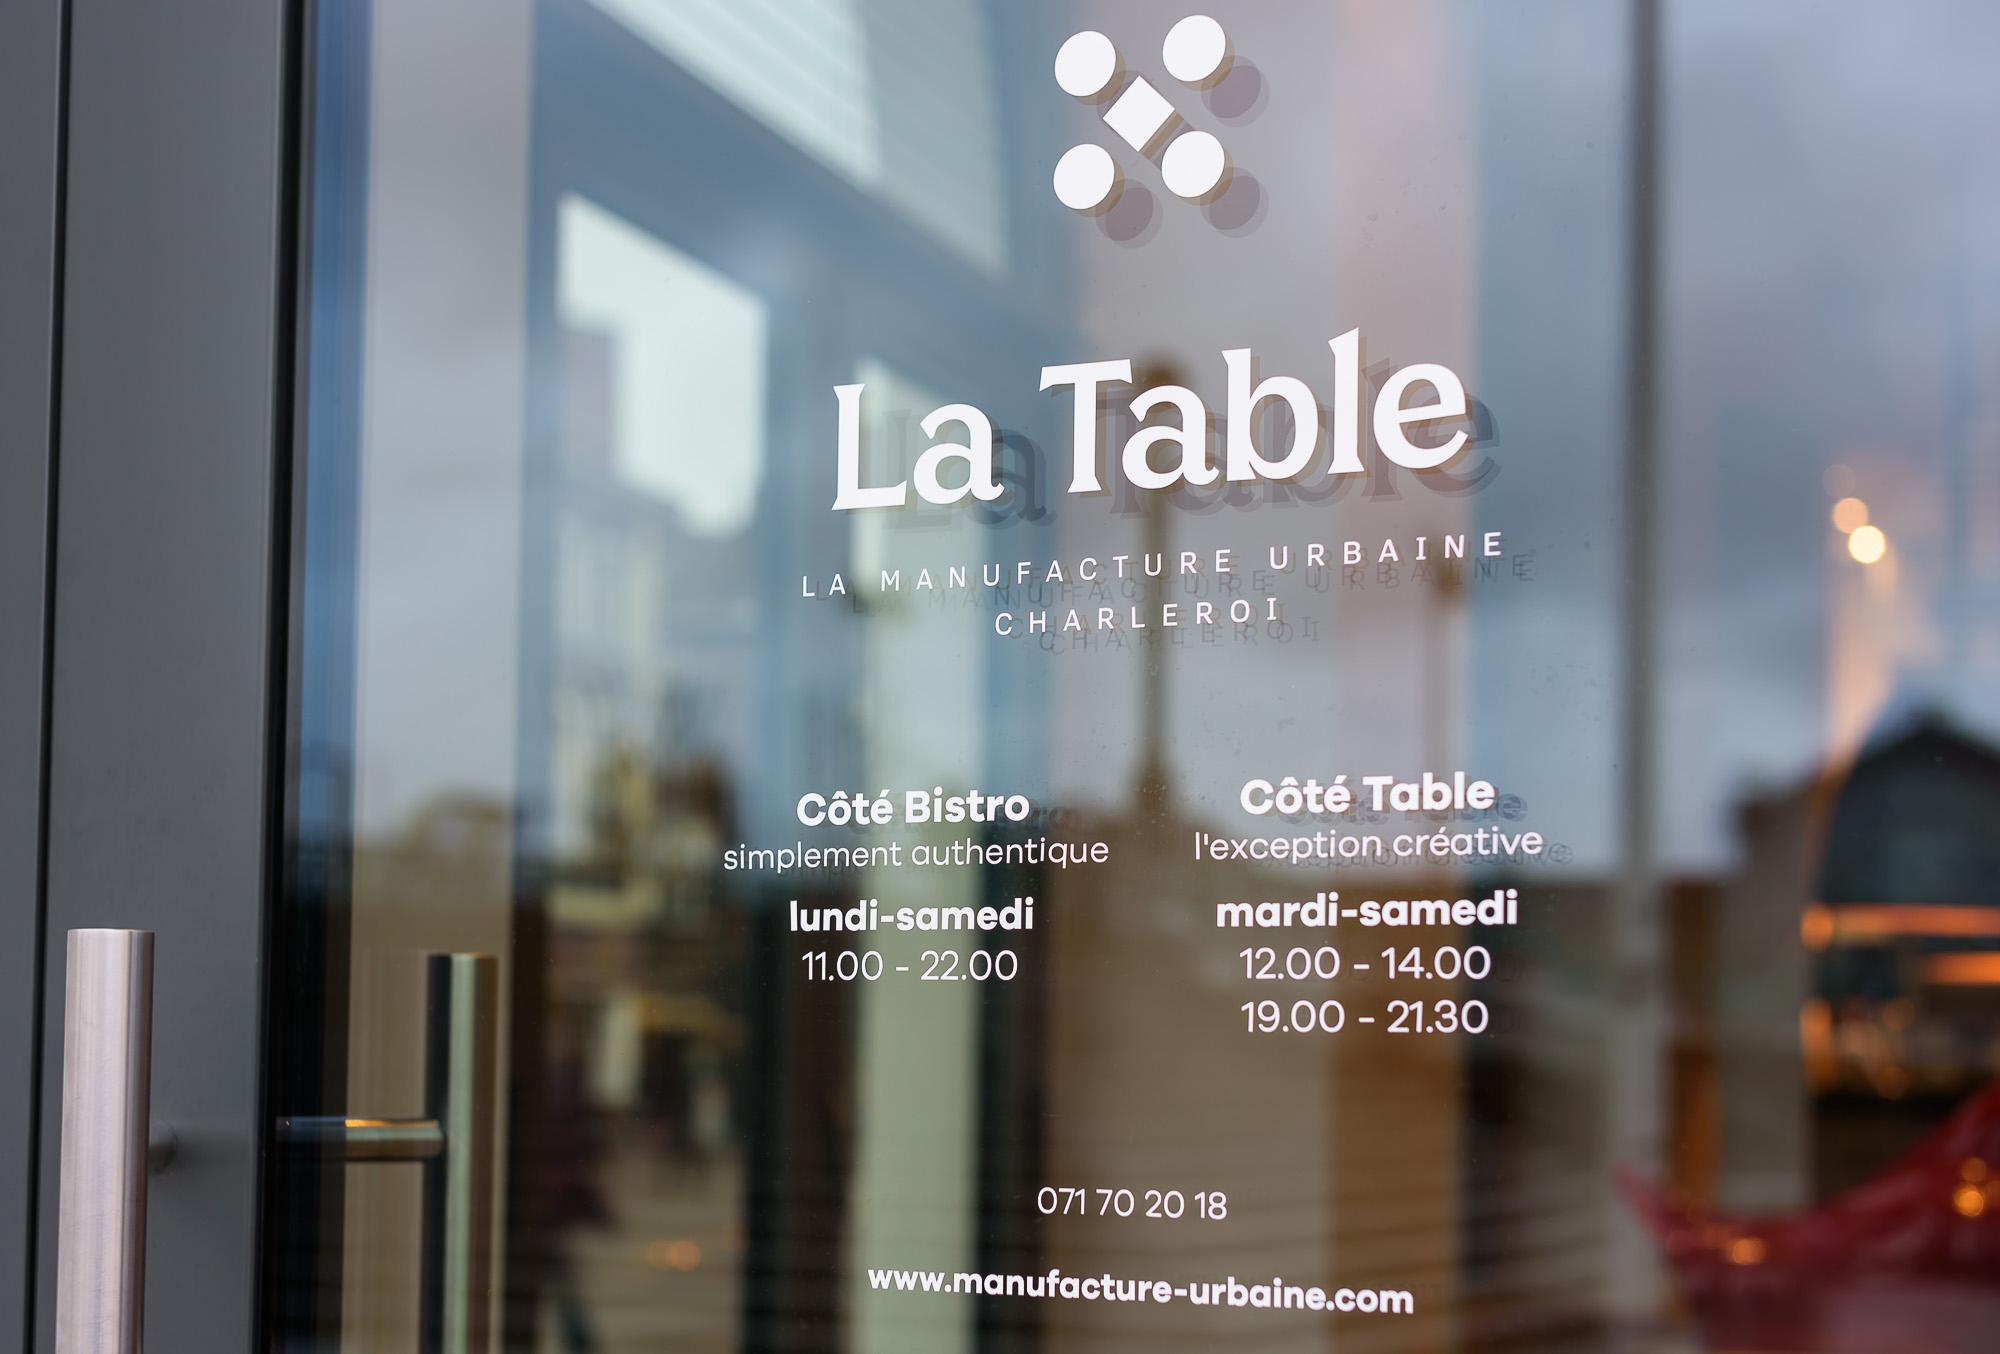 Alain Prudhomme - La Table de la Manufacture Urbaine à Charleroi